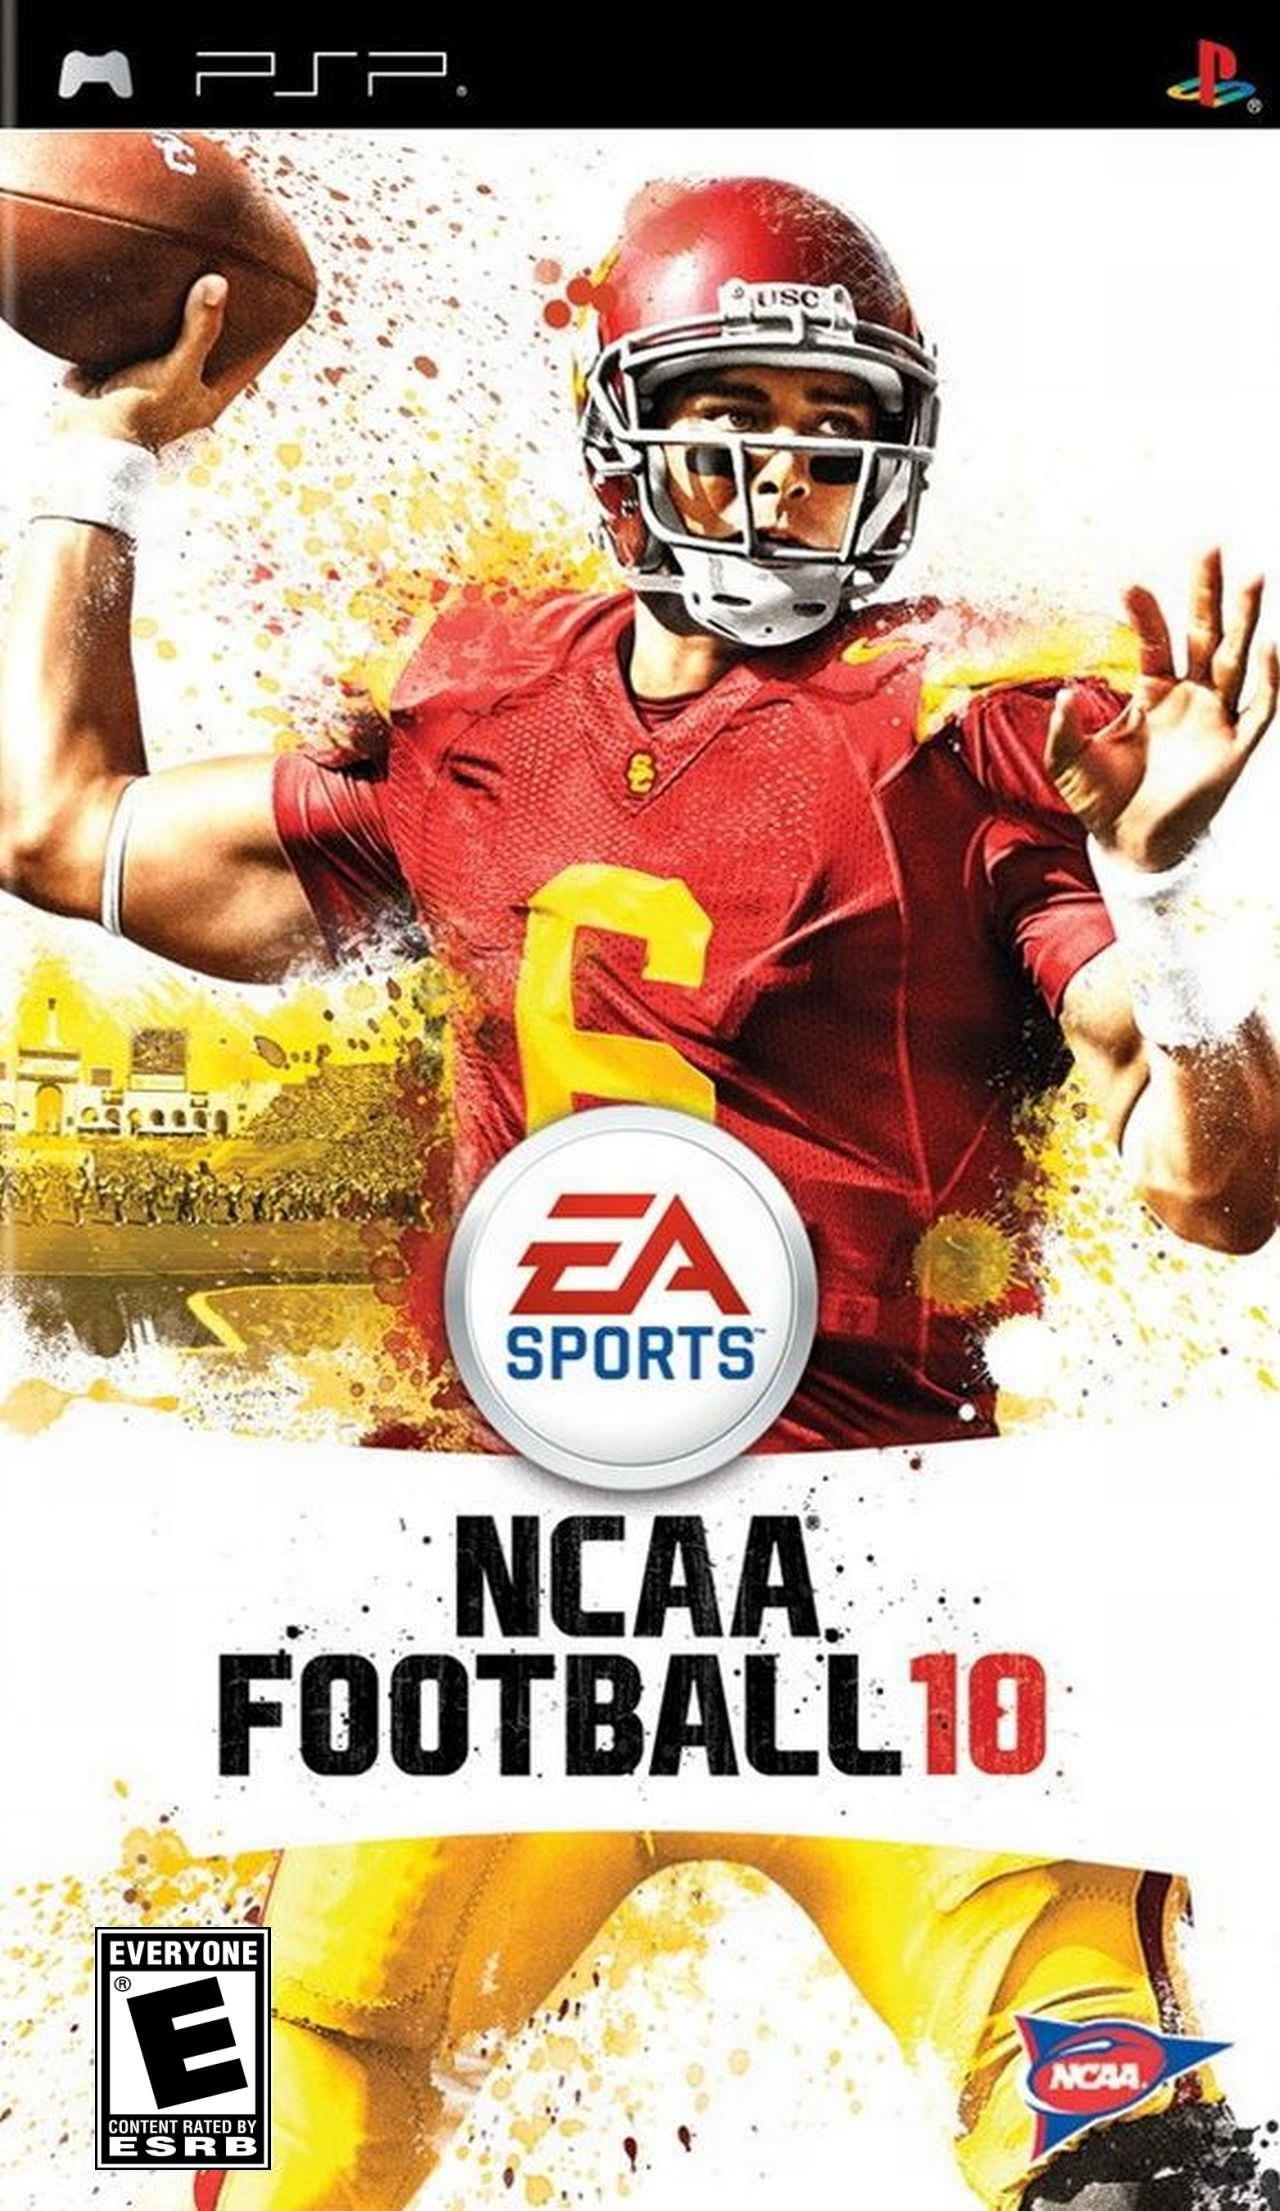 Rom juego NCAA Football 10